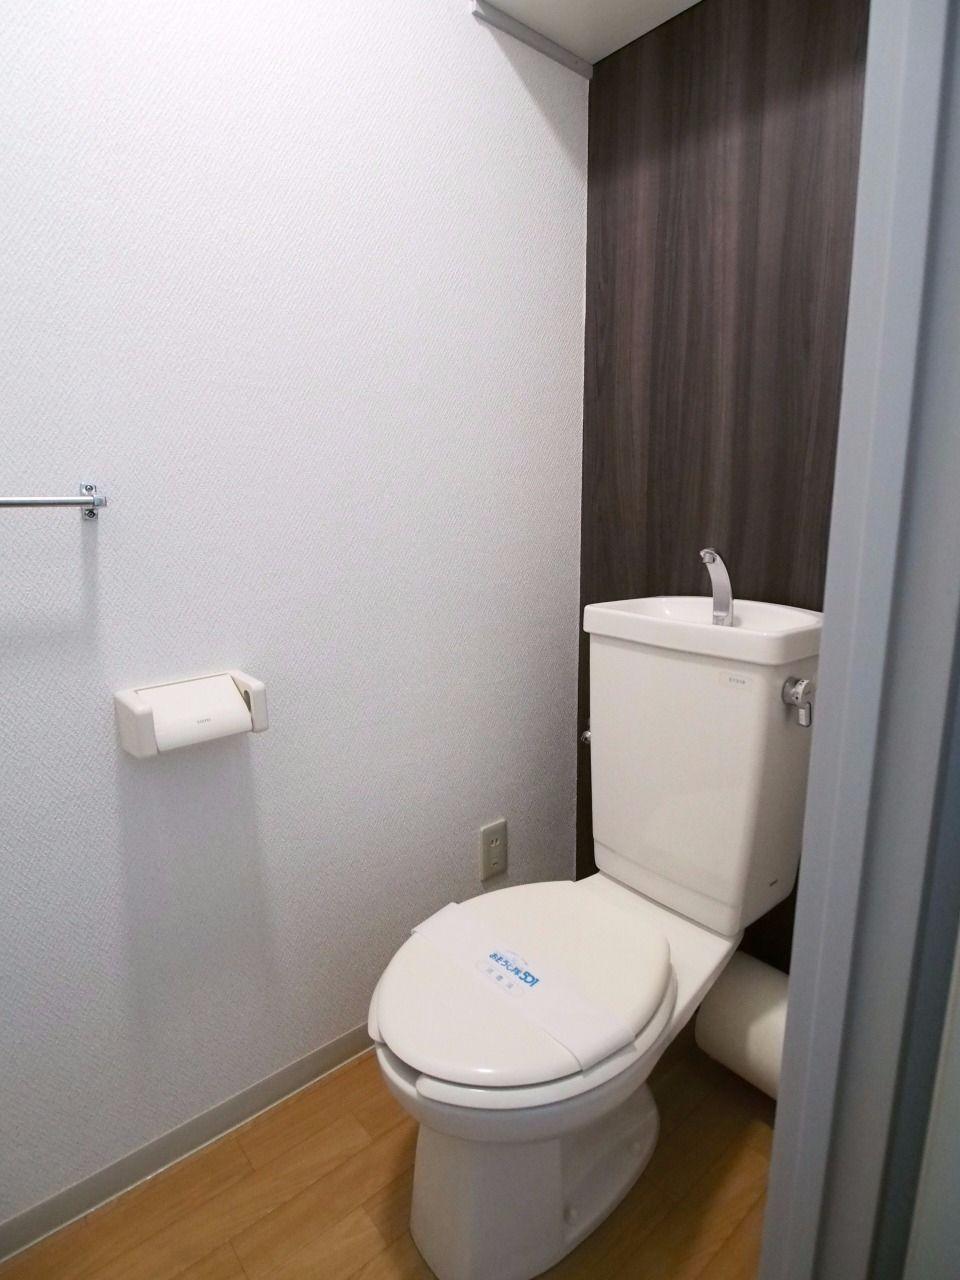 上棚とタオルハンガーのあるトイレ